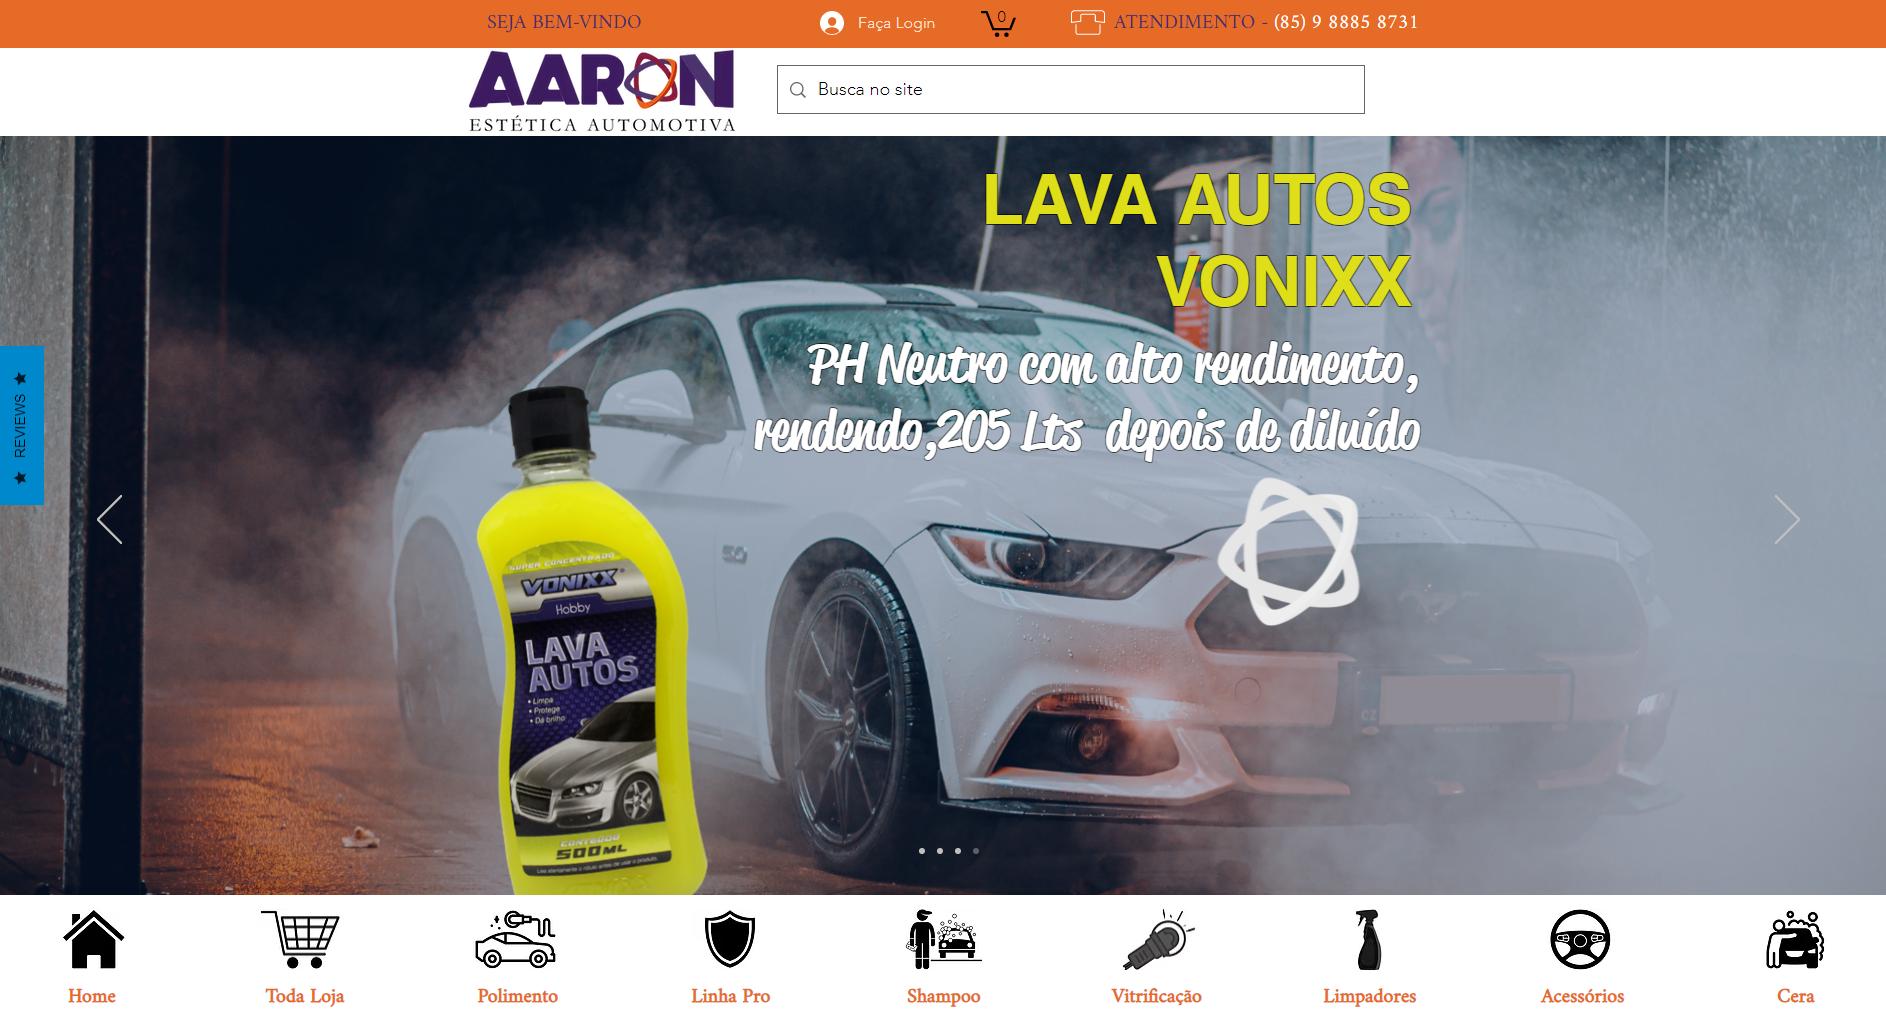 AARON ESTETICA AUTOMOTIVA